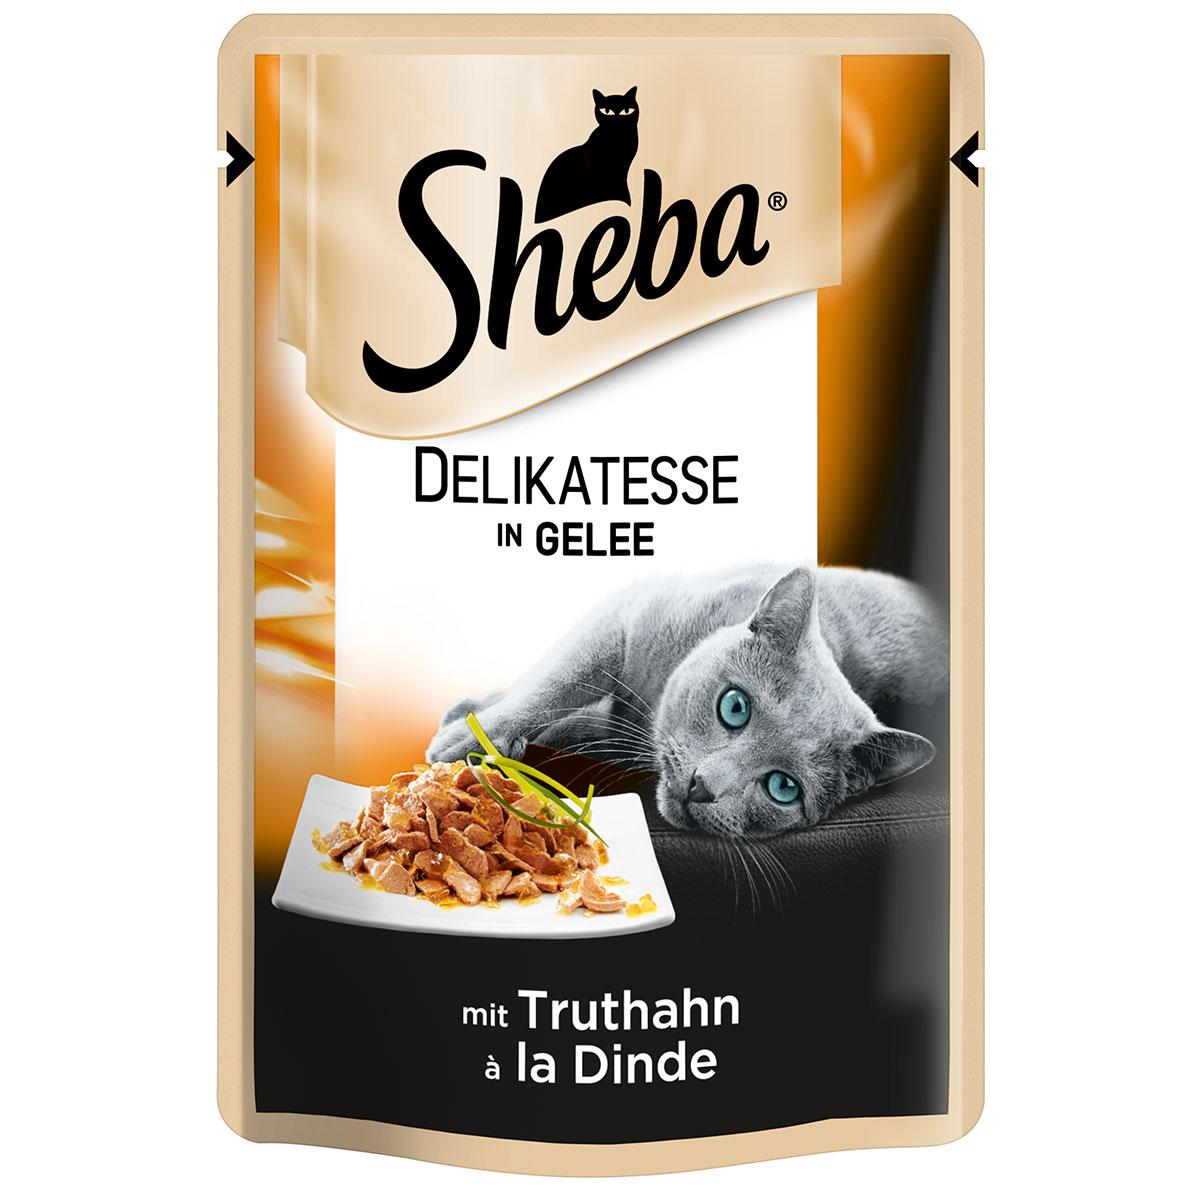 Berühmt Truthahn Zum Färben Zeitgenössisch - Entry Level Resume ...